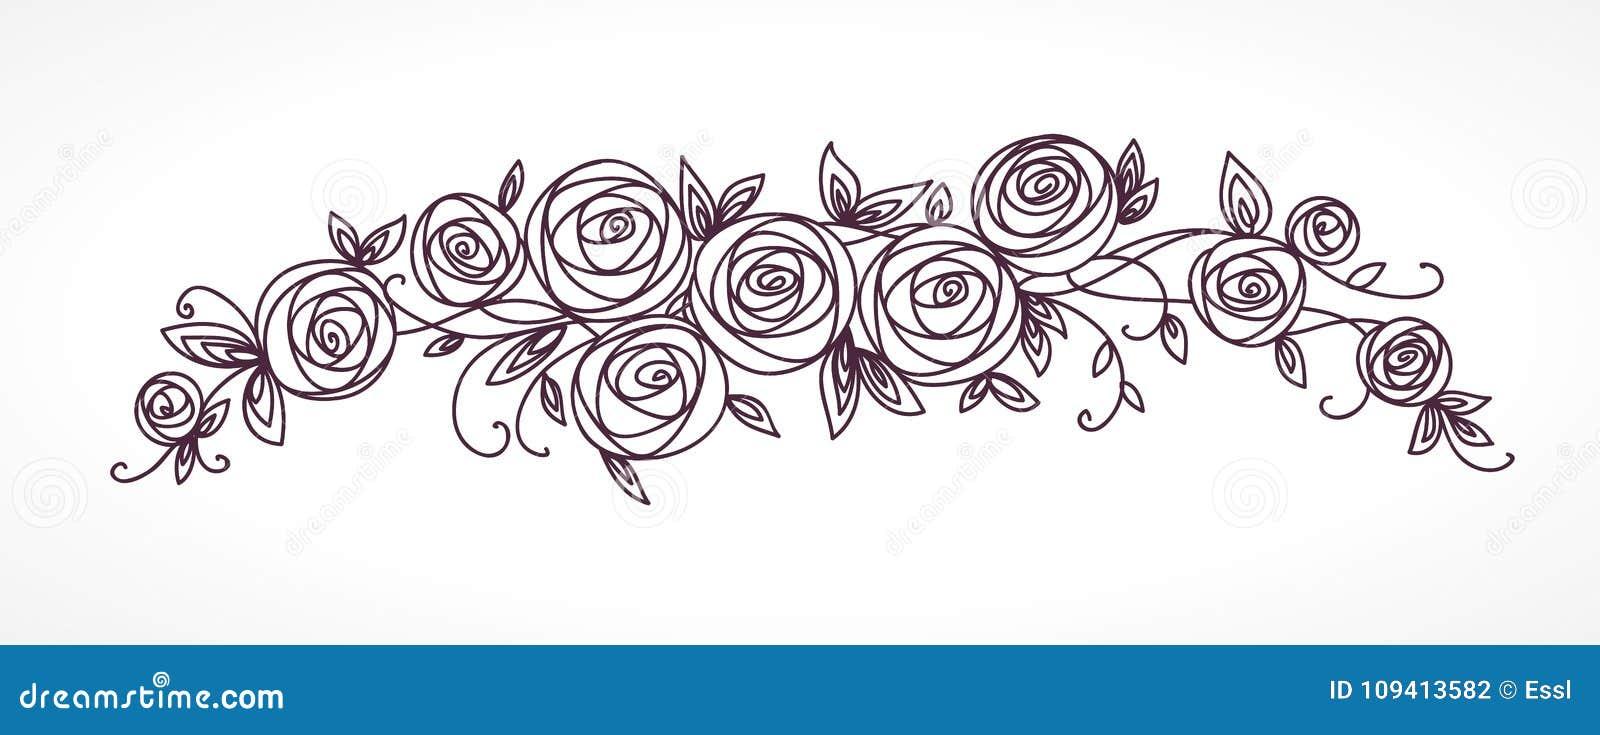 Mazzo Di Fiori Stilizzato.Mazzo Rosa Stilizzato Dei Fiori Ramo Dei Fiori E Delle Foglie Che